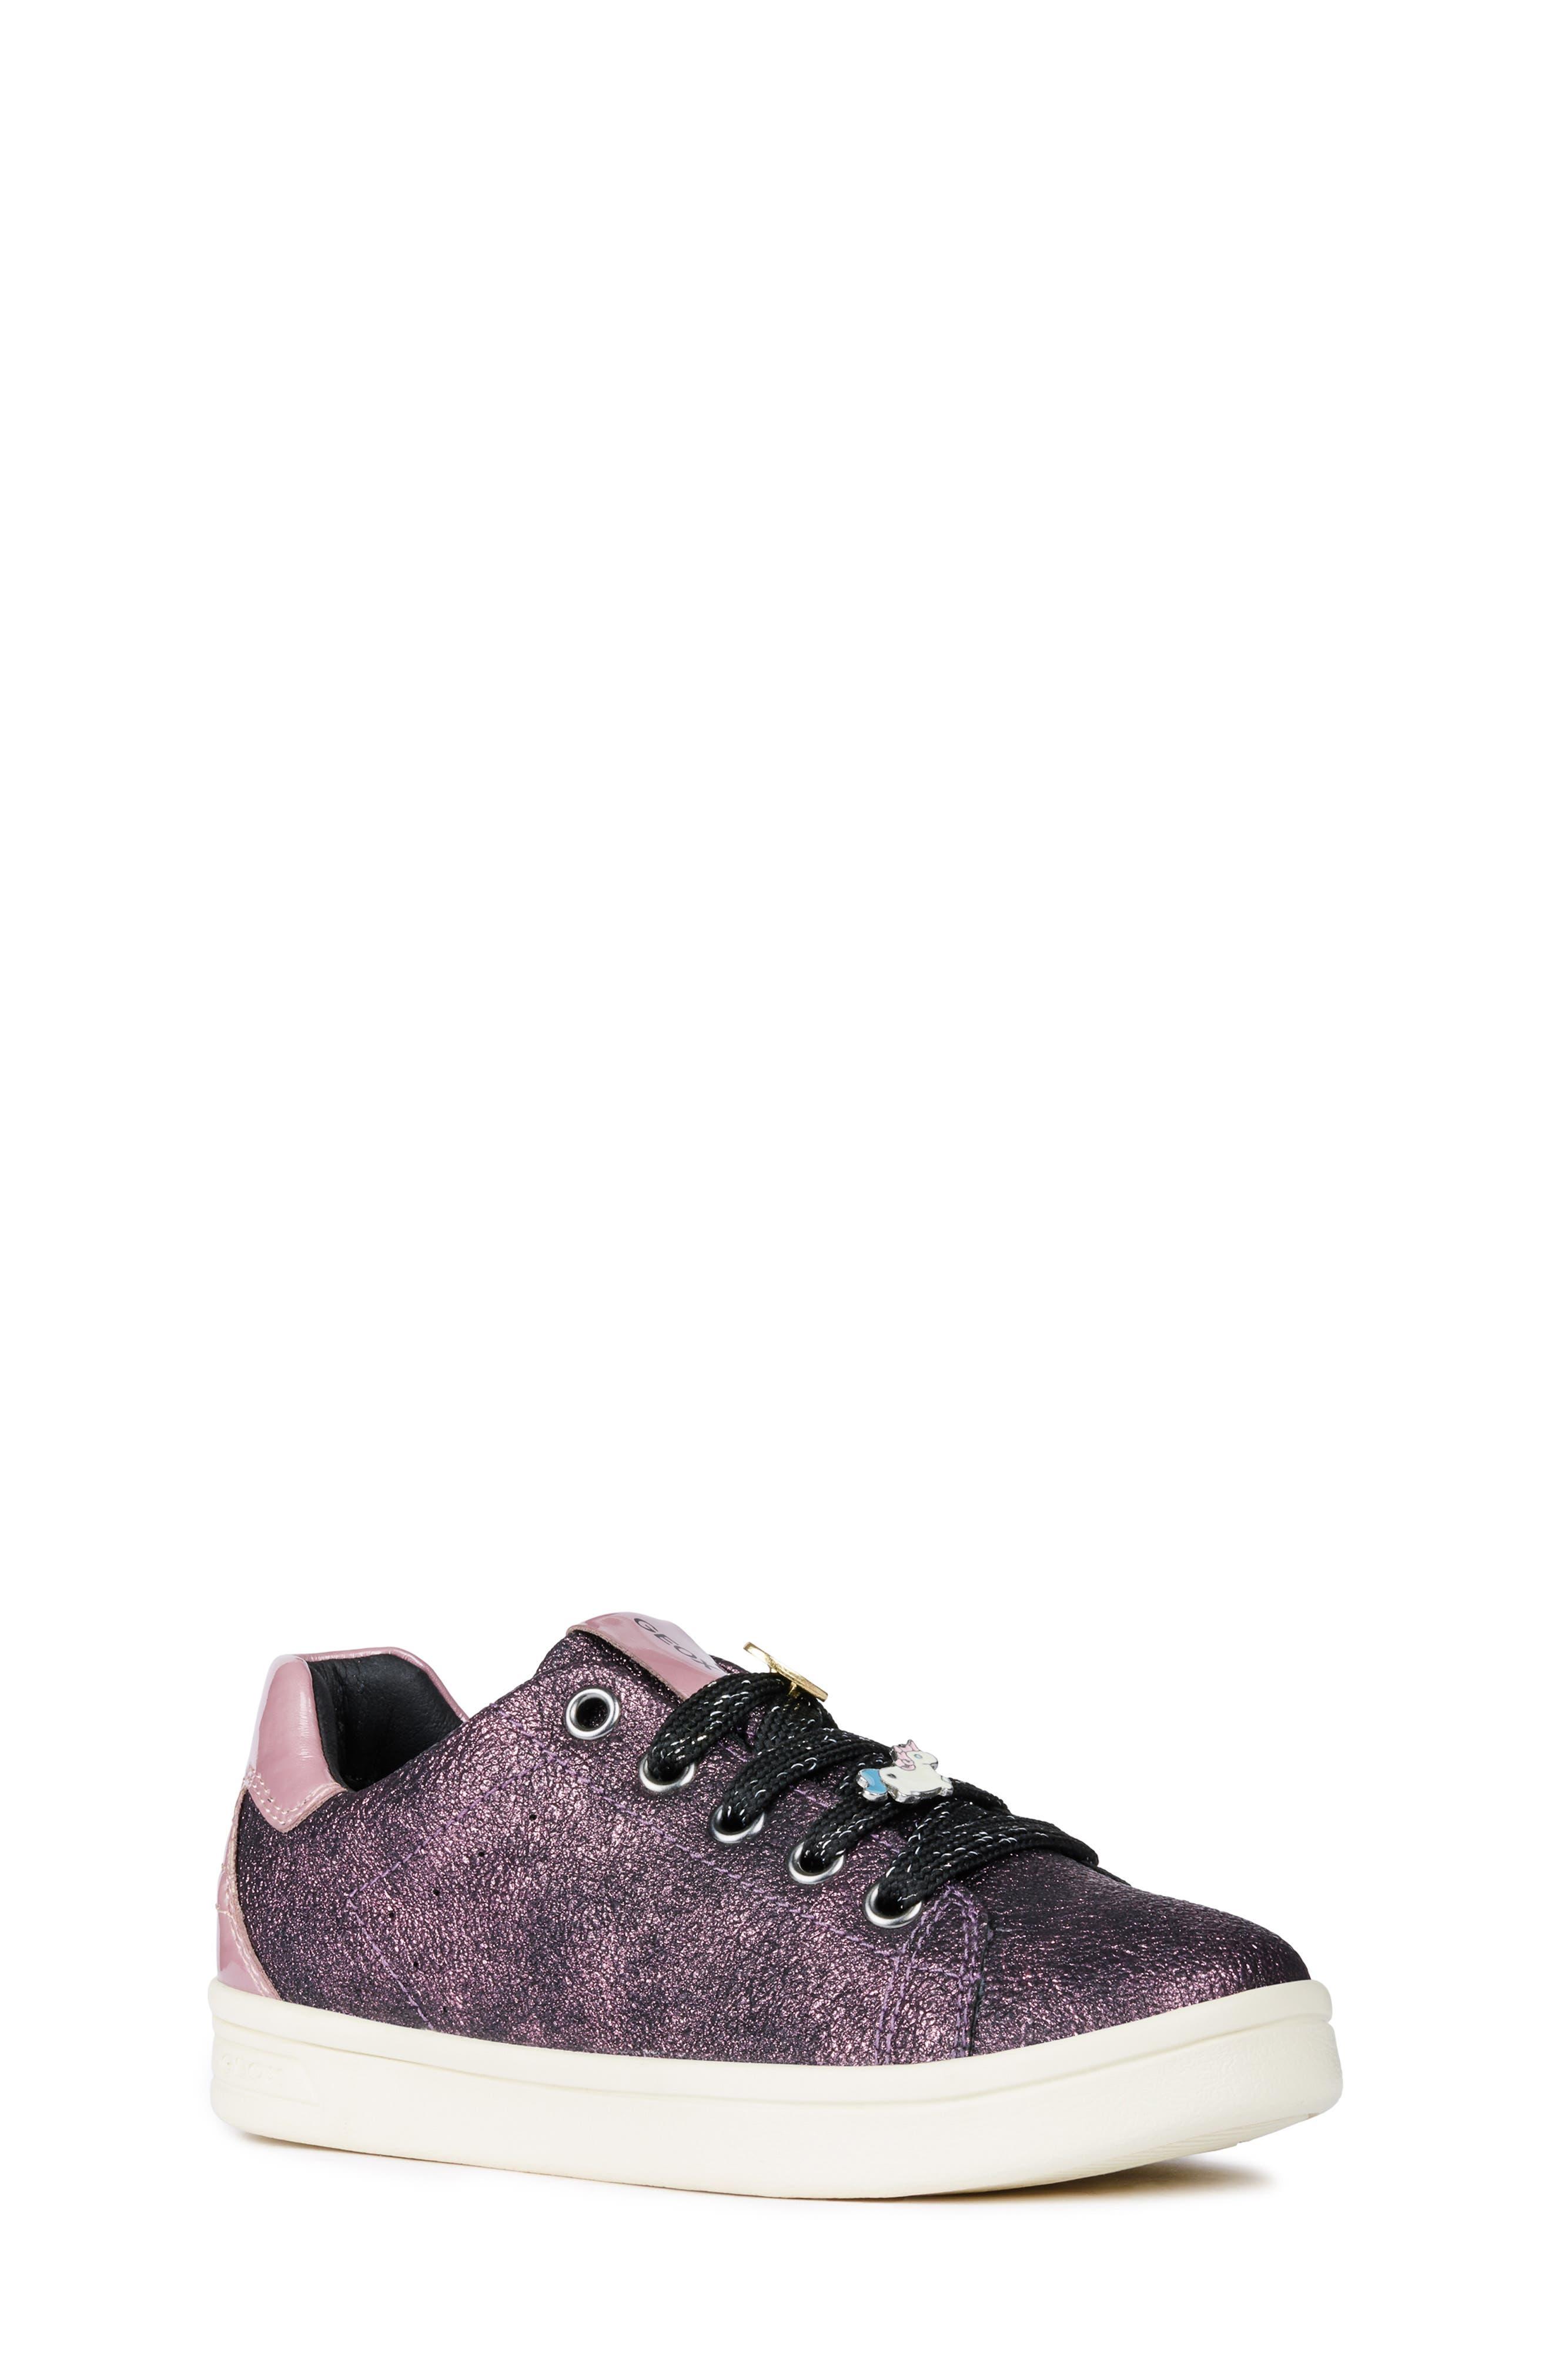 GEOX, DJ Rock Metallic Sneaker, Main thumbnail 1, color, DARK ROSE